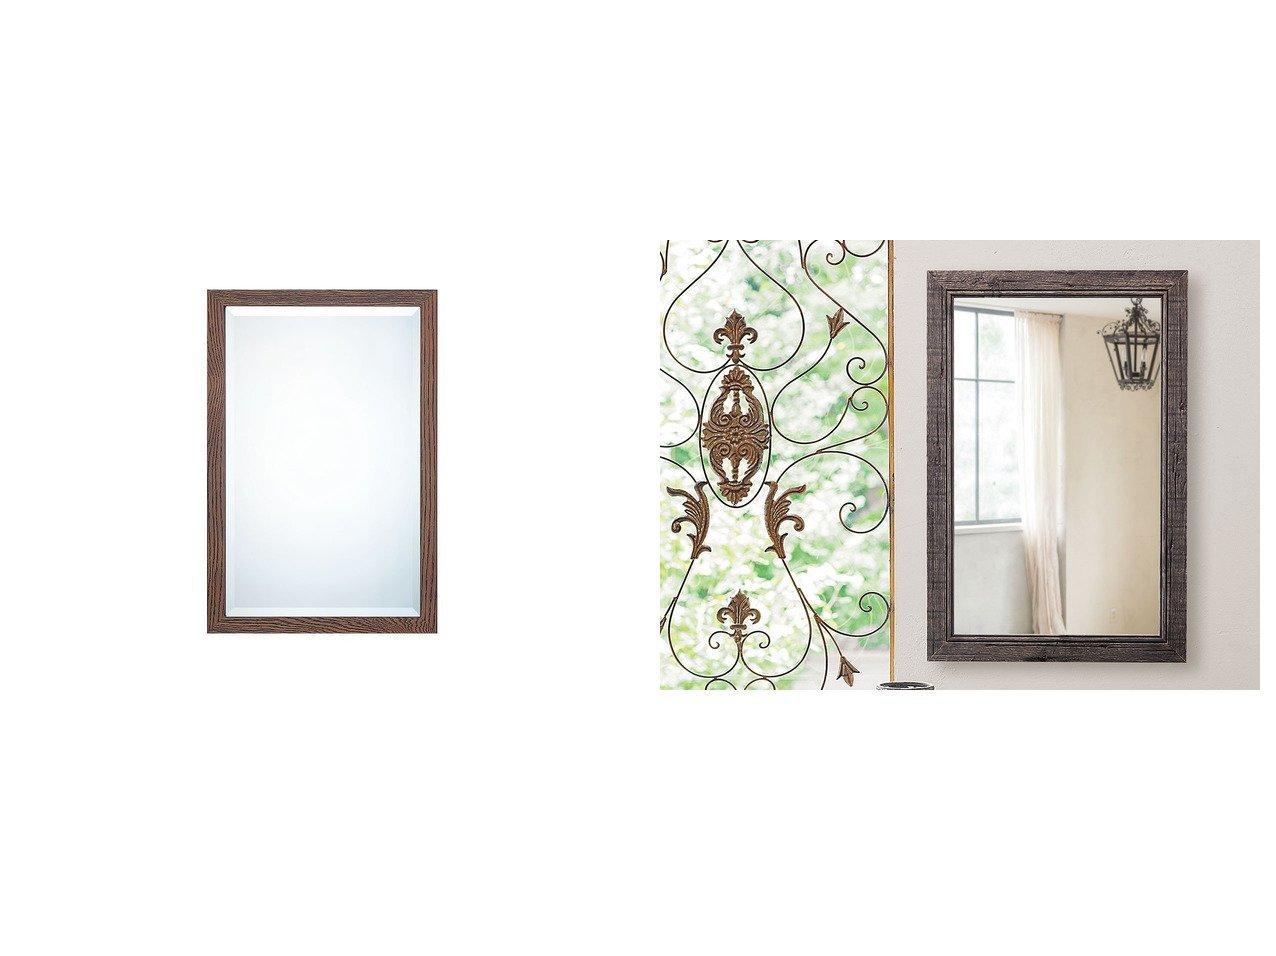 【FLYMEe vert/フライミー ヴェール】のウォールミラー m77306&ウォールミラー m77316 【FURNITURE】おすすめ!人気、インテリア雑貨・家具の通販 おすすめで人気の流行・トレンド、ファッションの通販商品 インテリア・家具・メンズファッション・キッズファッション・レディースファッション・服の通販 founy(ファニー) https://founy.com/ 送料無料 Free Shipping ウッド ダメージ フレーム ヴィンテージ シンプル ホーム・キャンプ・アウトドア Home,Garden,Outdoor,Camping Gear 家具・インテリア Furniture ミラー・ドレッサー Mirror ミラー・鏡 ホーム・キャンプ・アウトドア Home,Garden,Outdoor,Camping Gear 家具・インテリア Furniture ミラー・ドレッサー Mirror ドレッサー  ID:crp329100000055503